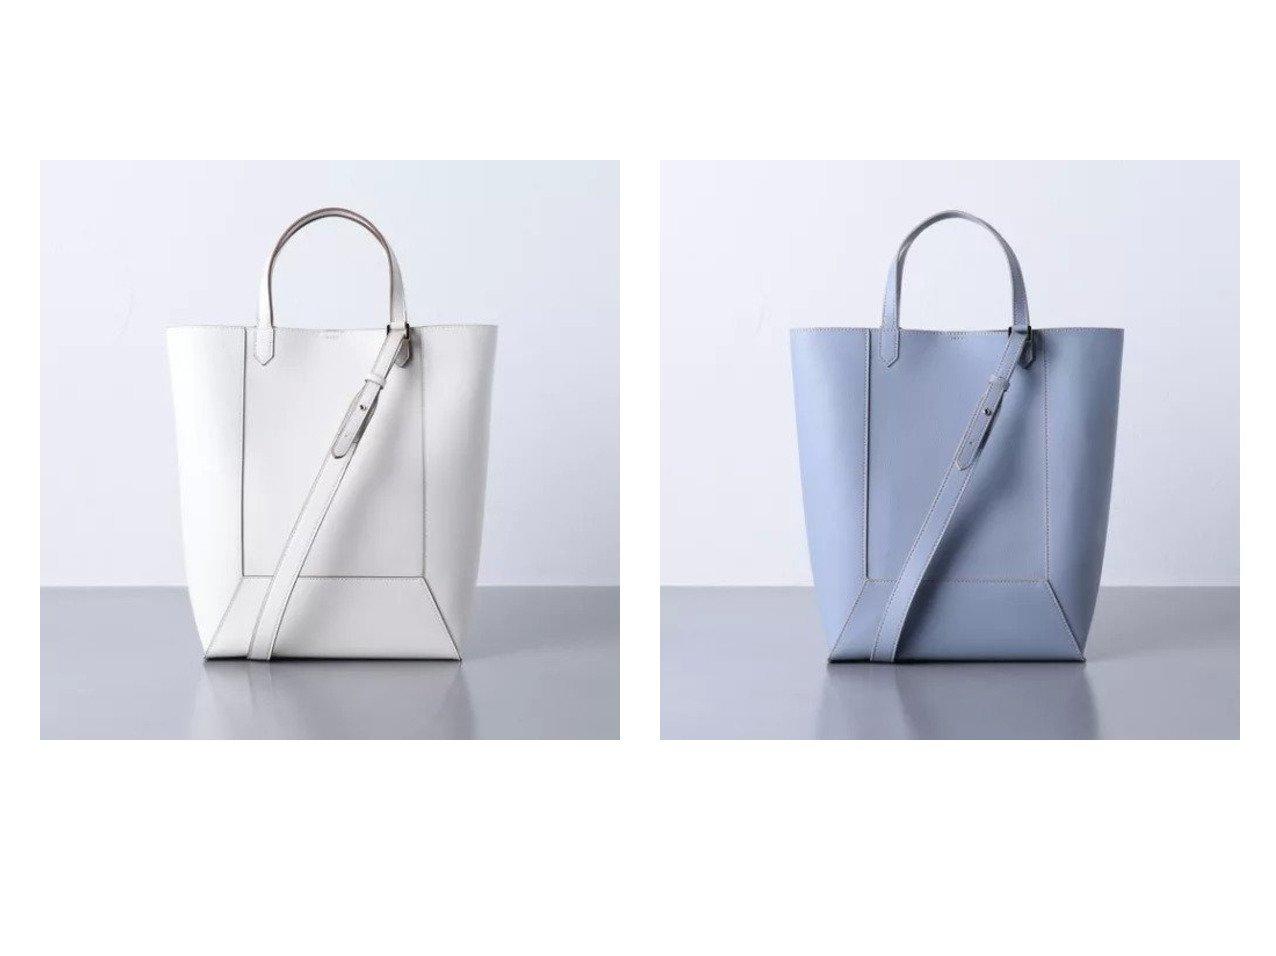 【UNITED ARROWS/ユナイテッドアローズ】のUBCB PORTRAIT トートバッグ バッグ・鞄のおすすめ!人気、トレンド・レディースファッションの通販 おすすめで人気の流行・トレンド、ファッションの通販商品 メンズファッション・キッズファッション・インテリア・家具・レディースファッション・服の通販 founy(ファニー) https://founy.com/ ファッション Fashion レディースファッション WOMEN バッグ Bag ラップ 軽量 |ID:crp329100000016326